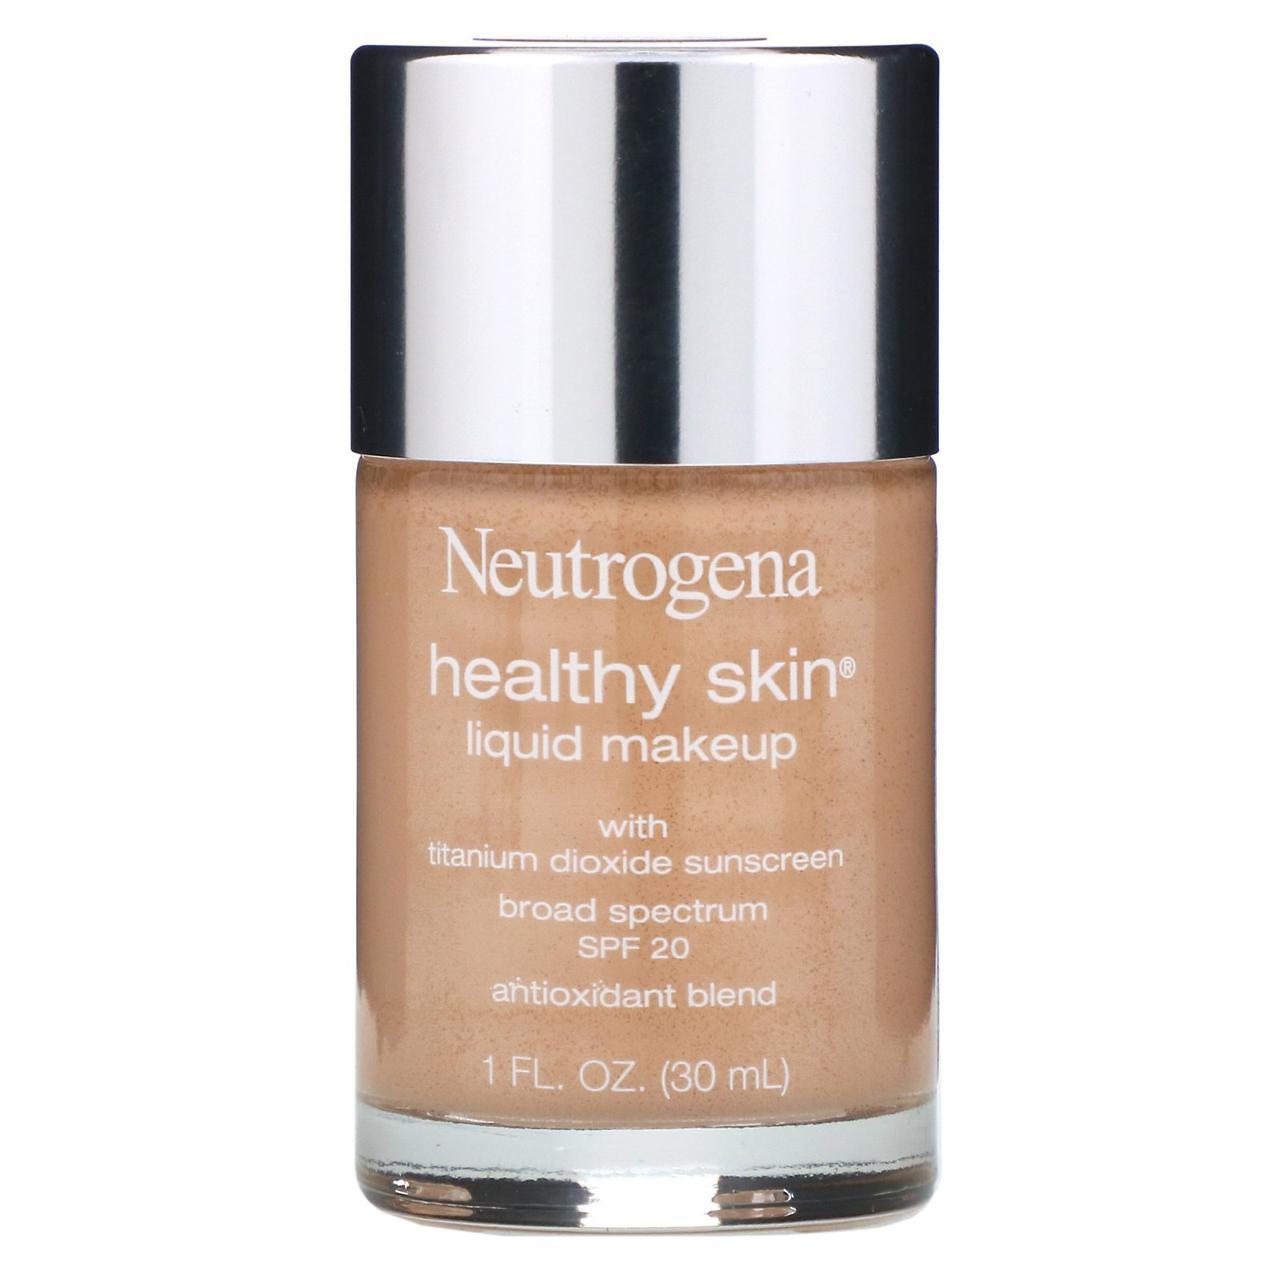 Neutrogena, Здорова шкіра, рідкий макіяж, класичний колір слонової кістки 10, 1 рідка унція (30 мл)